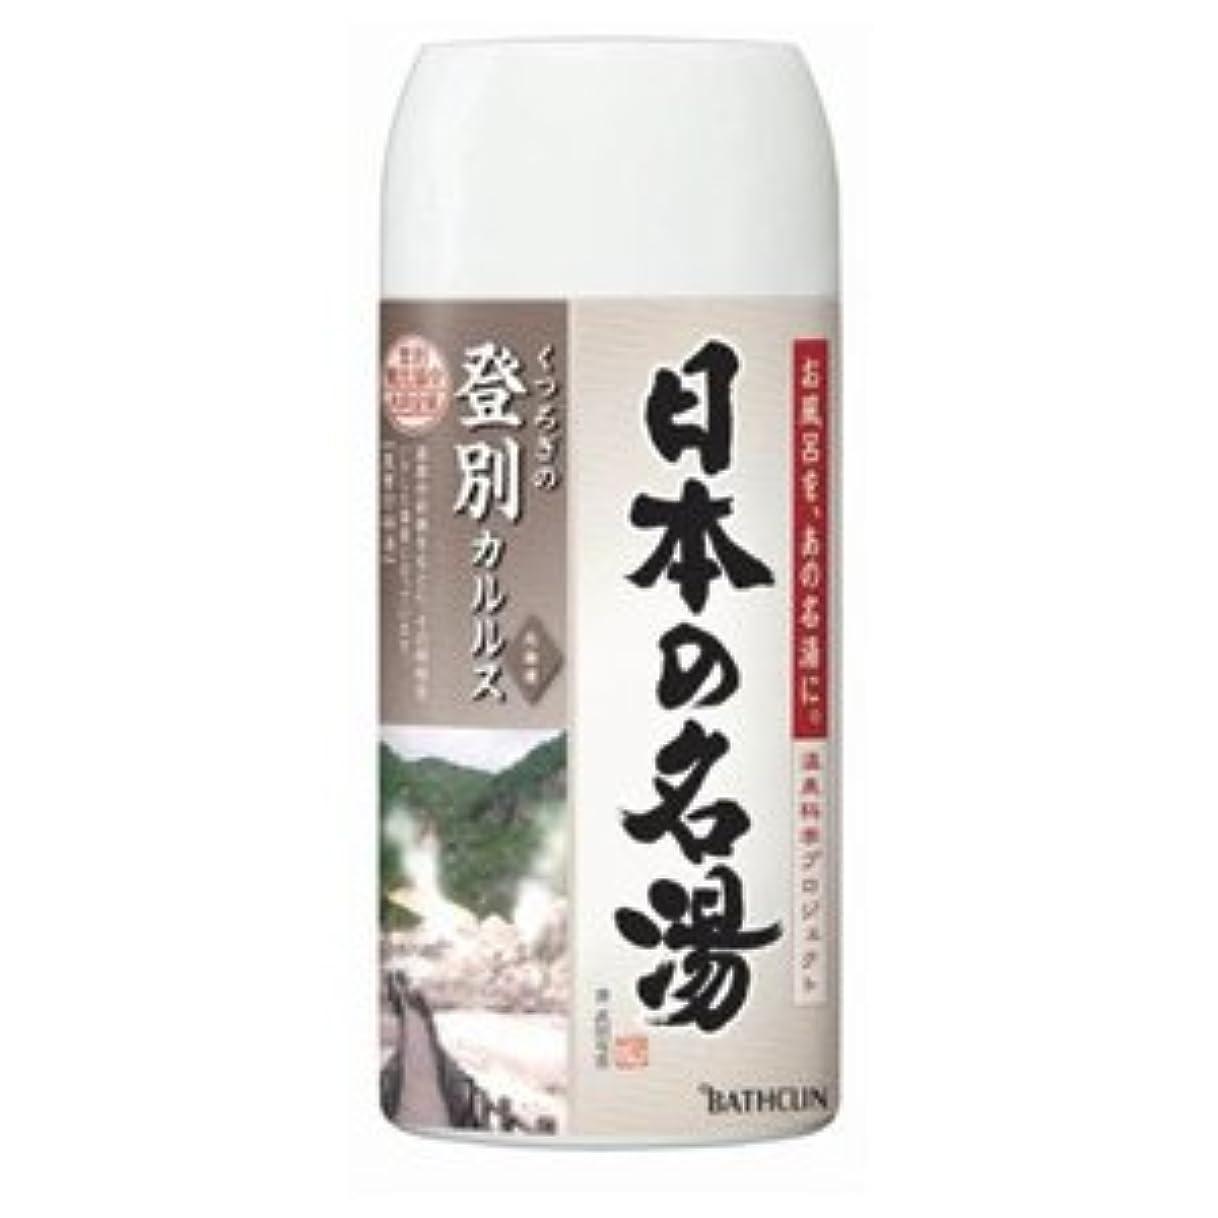 再集計同化超えてバスクリン 日本の名湯 登別カルルス 450g 薬用入浴剤 澄み切った大気の香り 医薬部外品 (お風呂?バス用品)×12点セット (4548514135246)